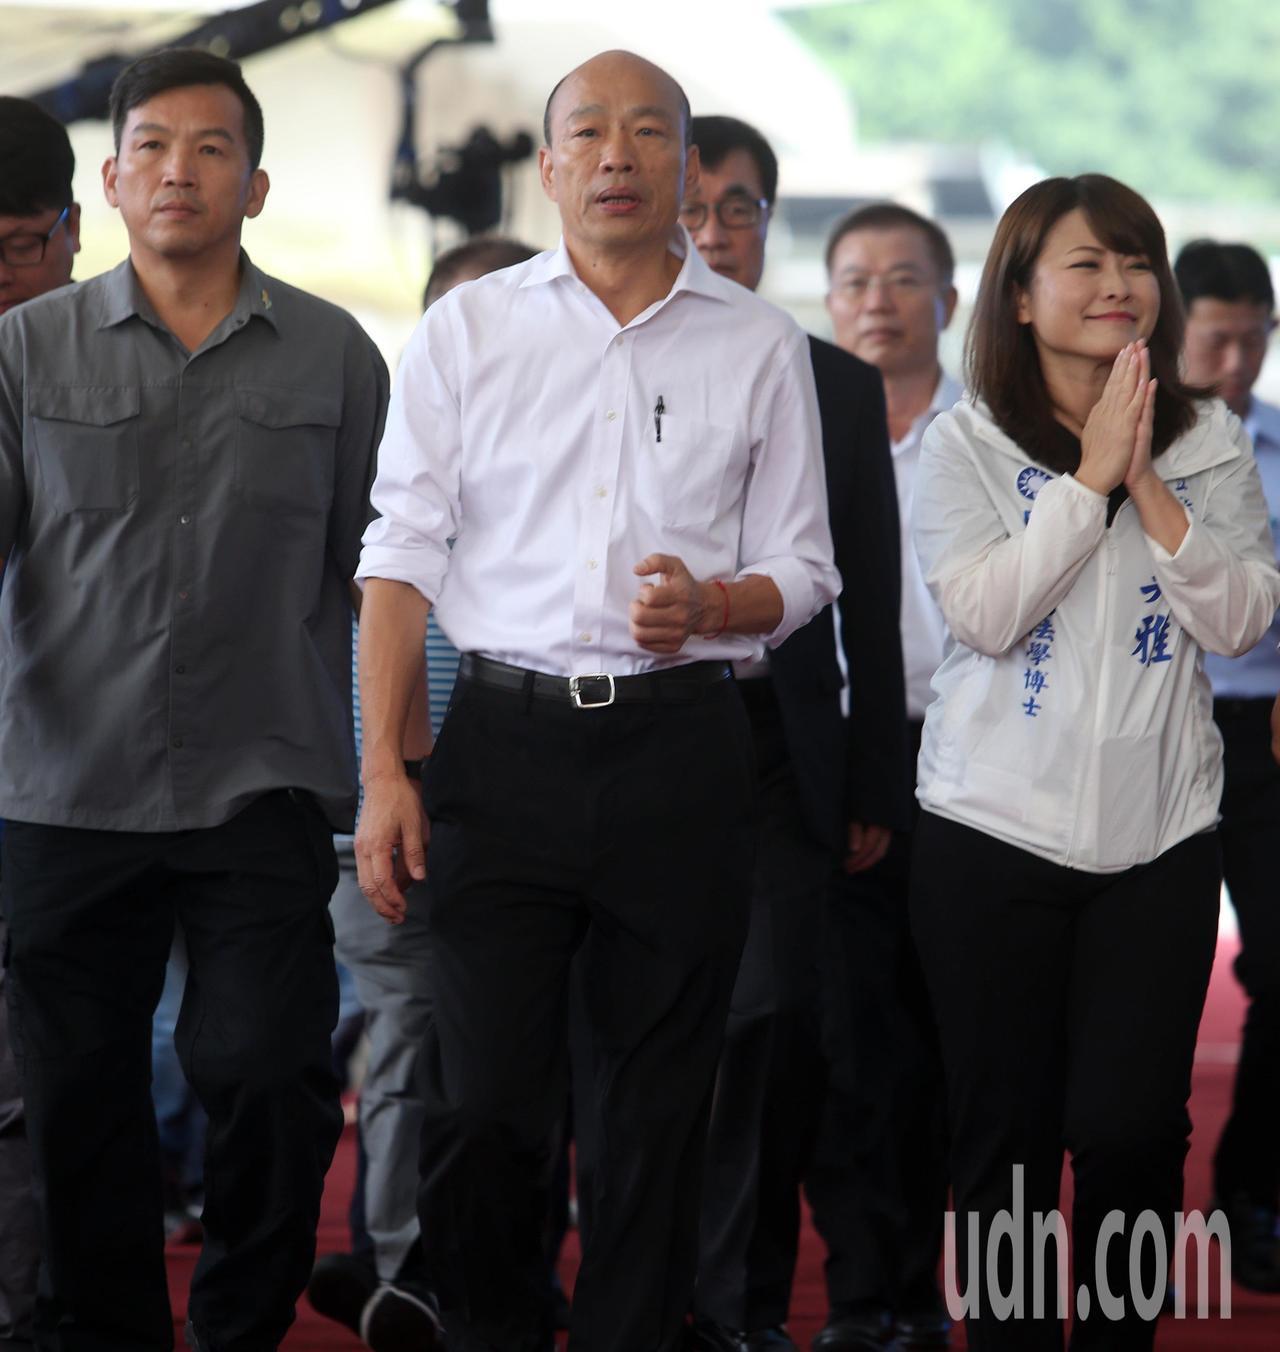 高雄市長韓國瑜在國民黨主席吳敦義抵達會場3分鐘後現身,但吳、韓兩人並未多加互動。...